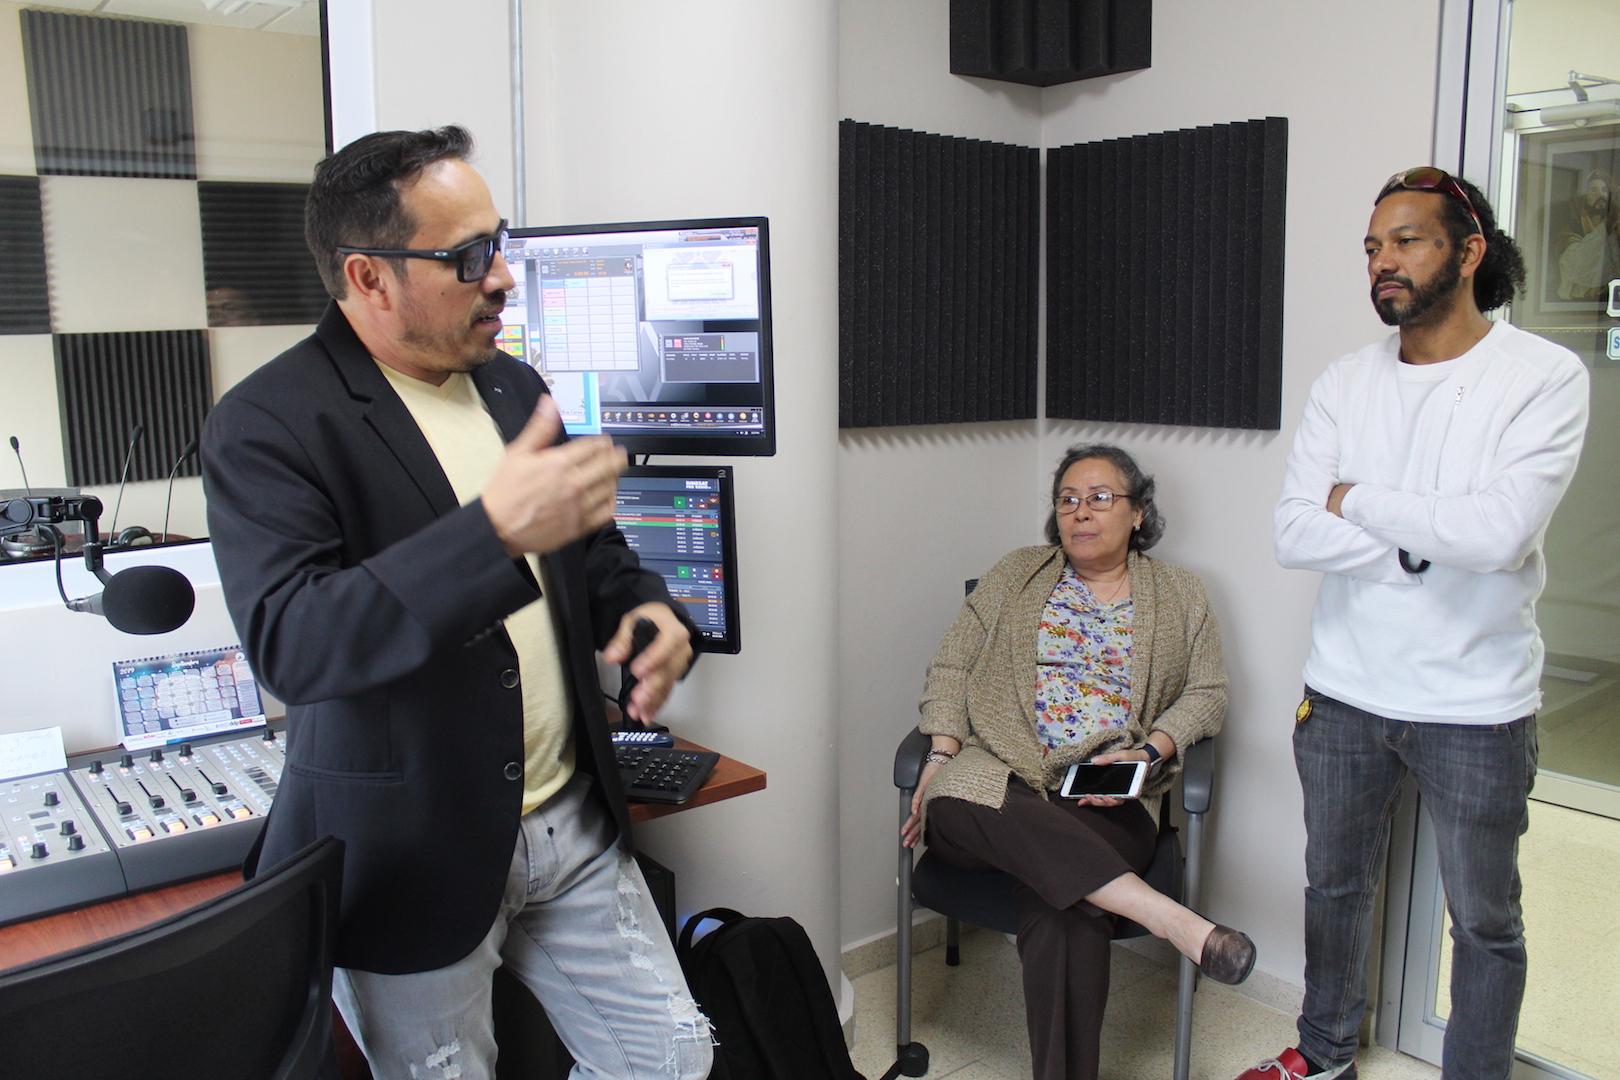 En Radio Hogar taller para interatuar con los oyentes